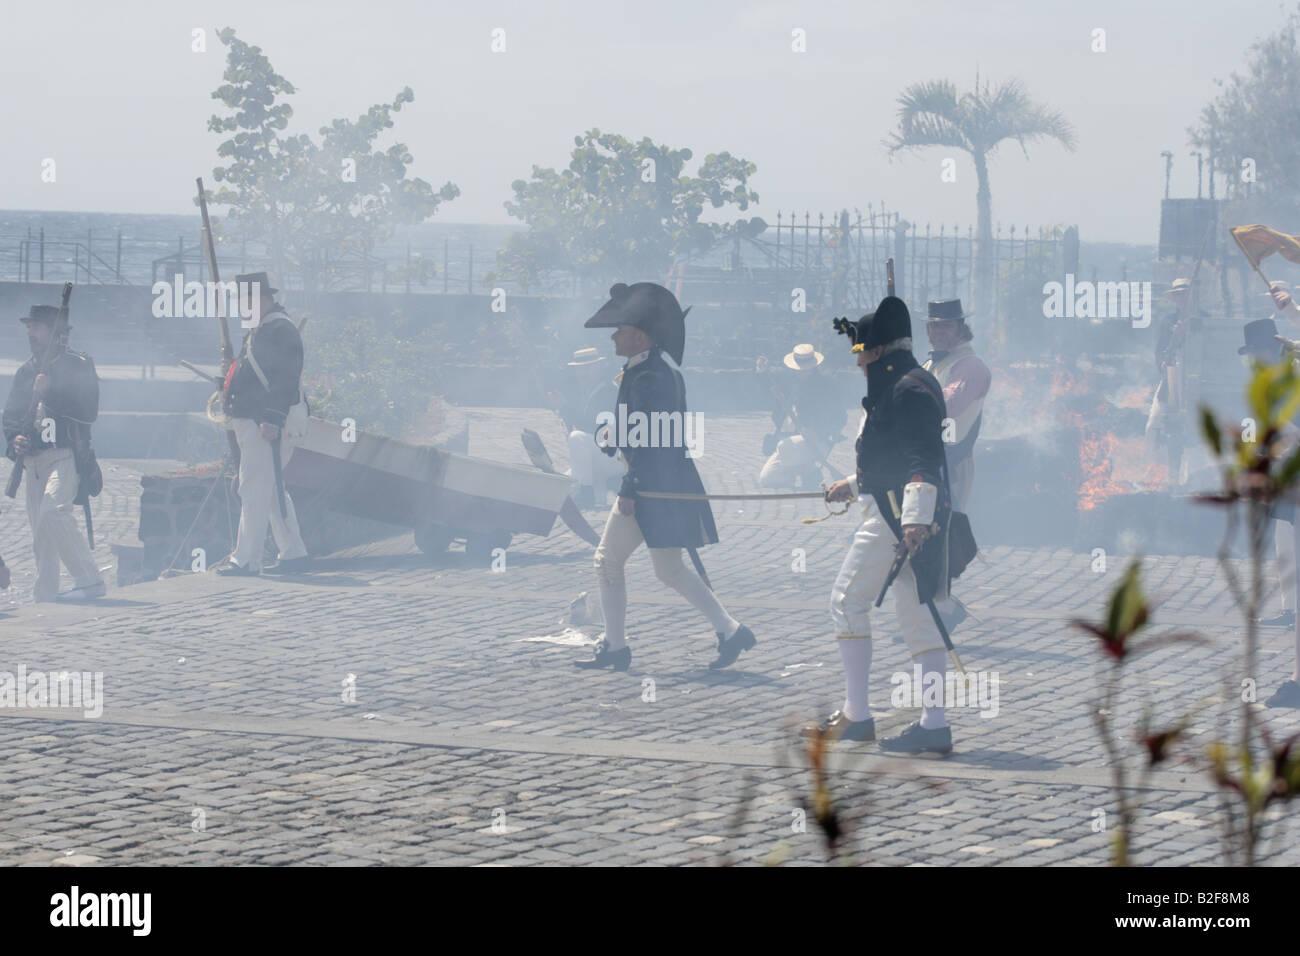 El capitán Troughbridge y las tropas inglesas se mueven a través de una niebla de humo durante una recreación del 1797 Batalla de Santa Cruz, Santa Cruz de Tenerife Foto de stock